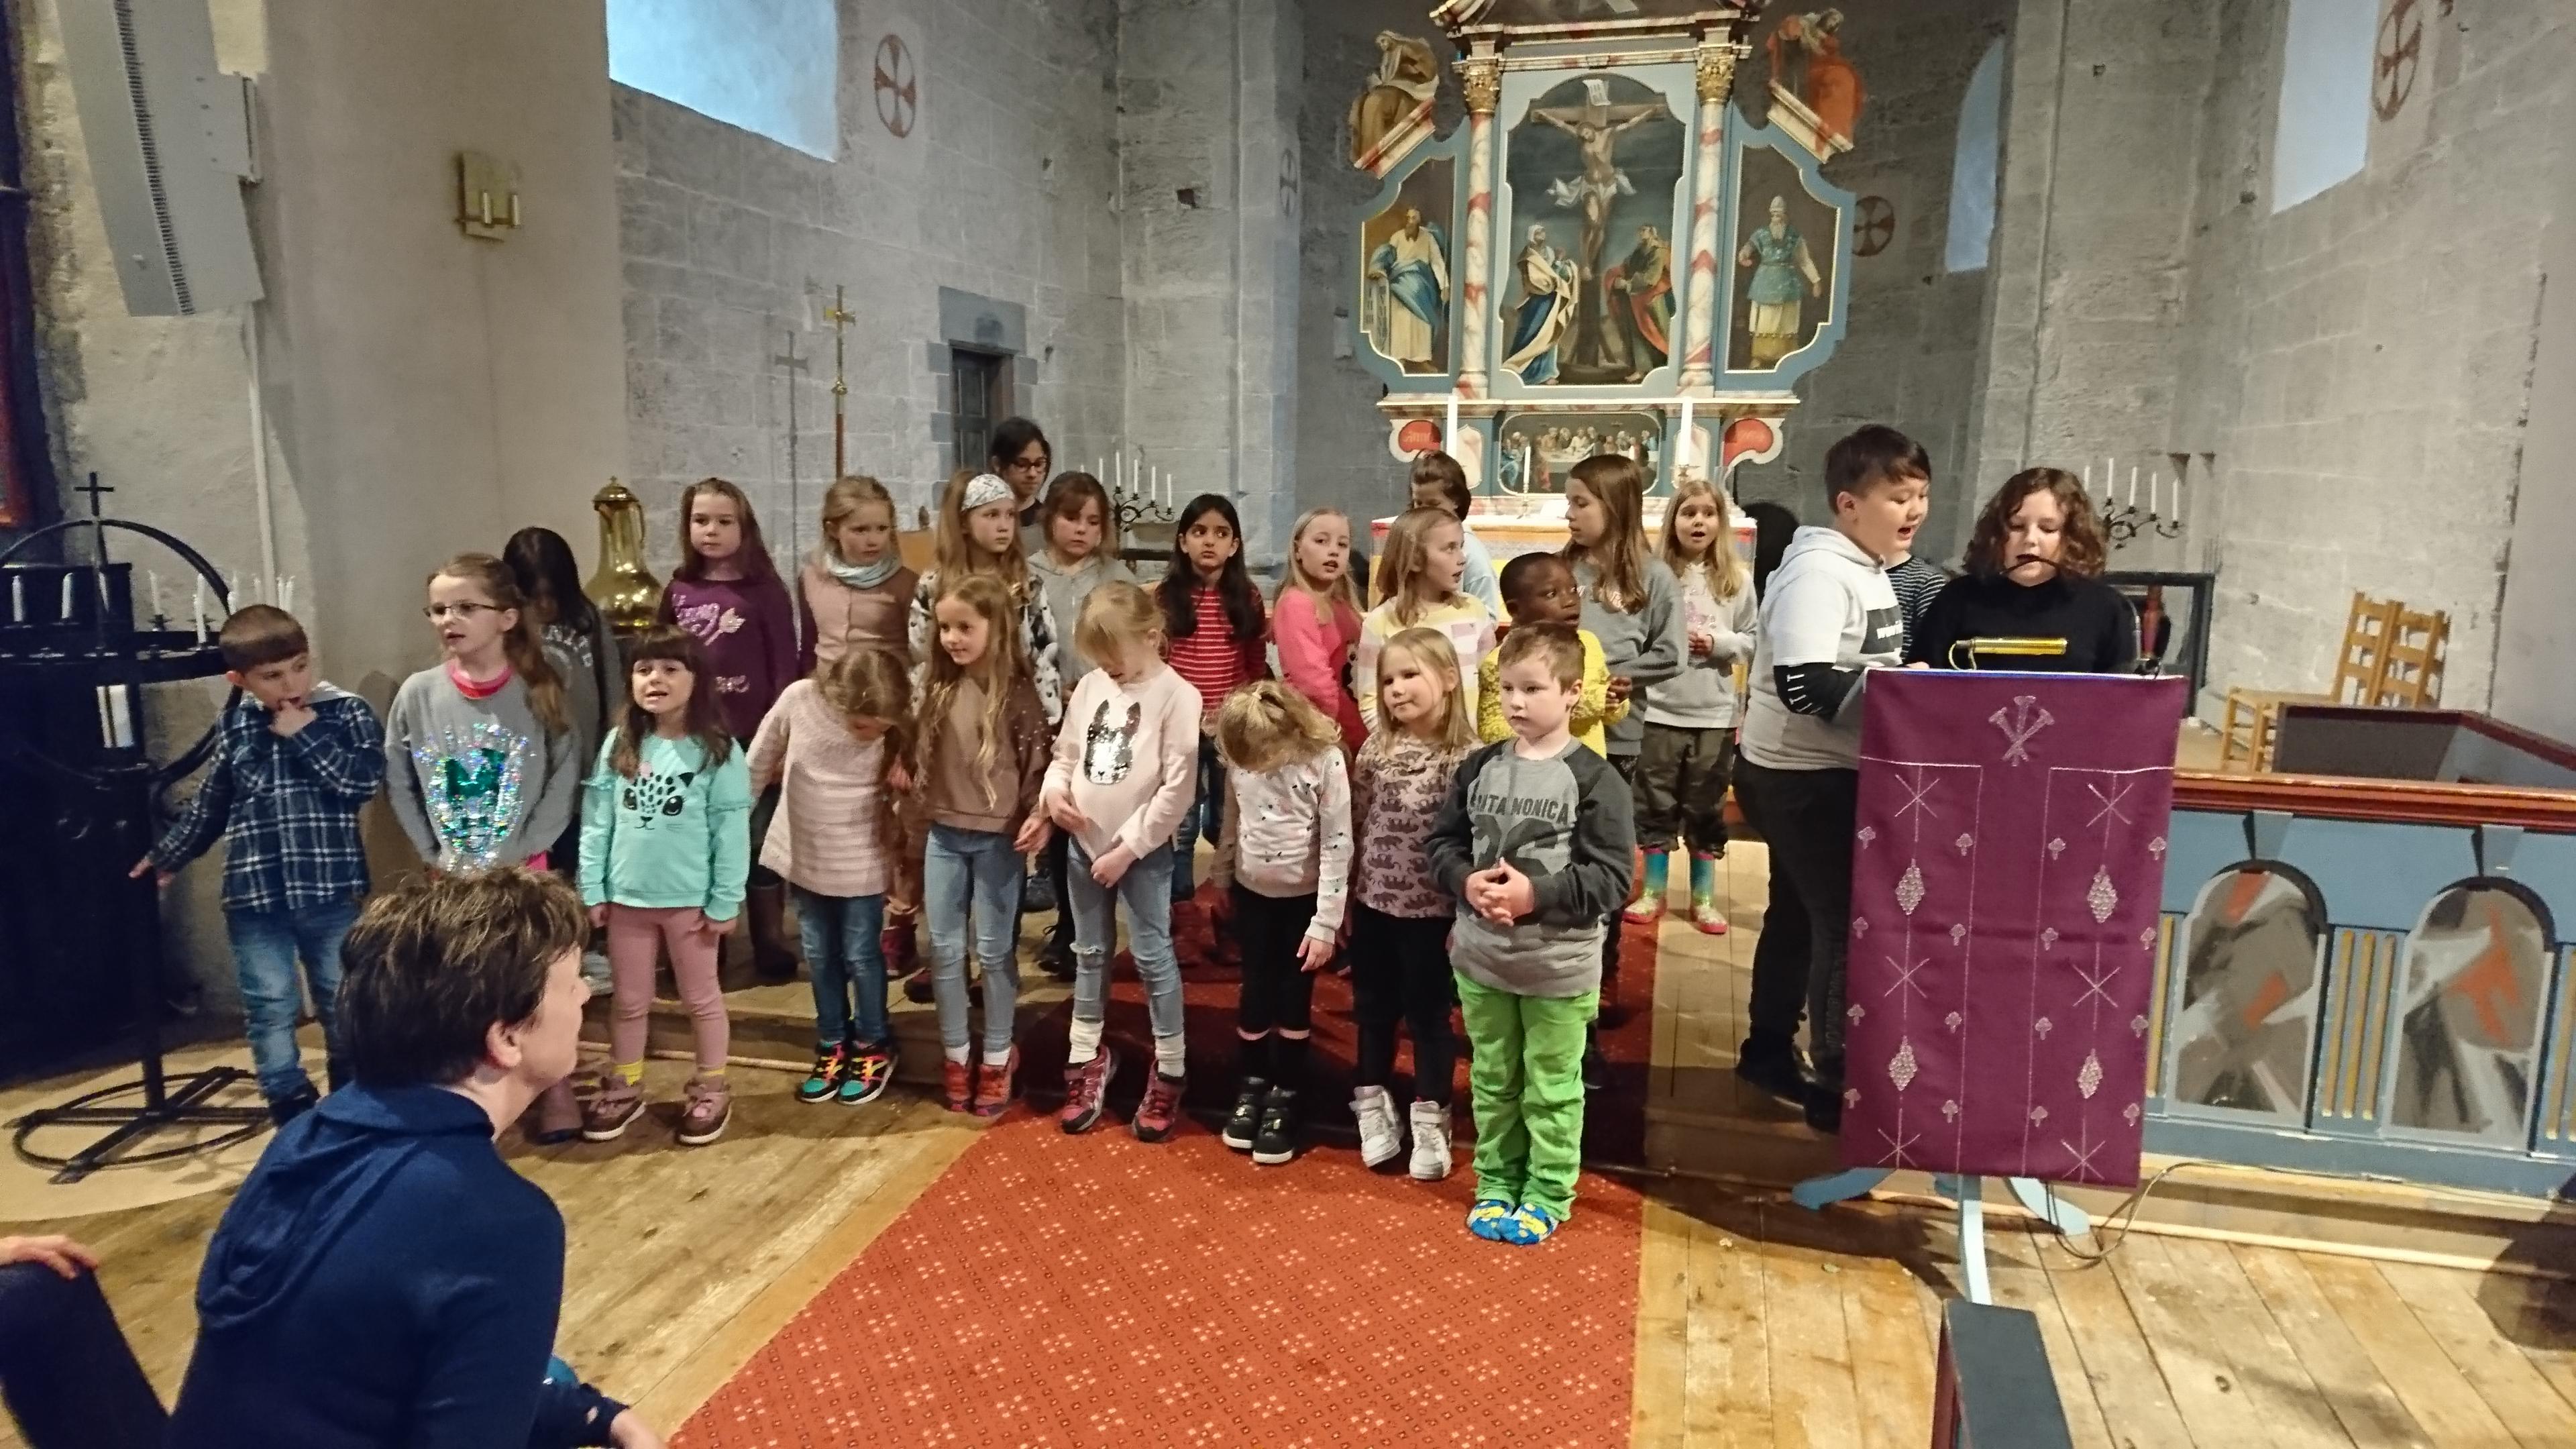 Barnekor i kirka